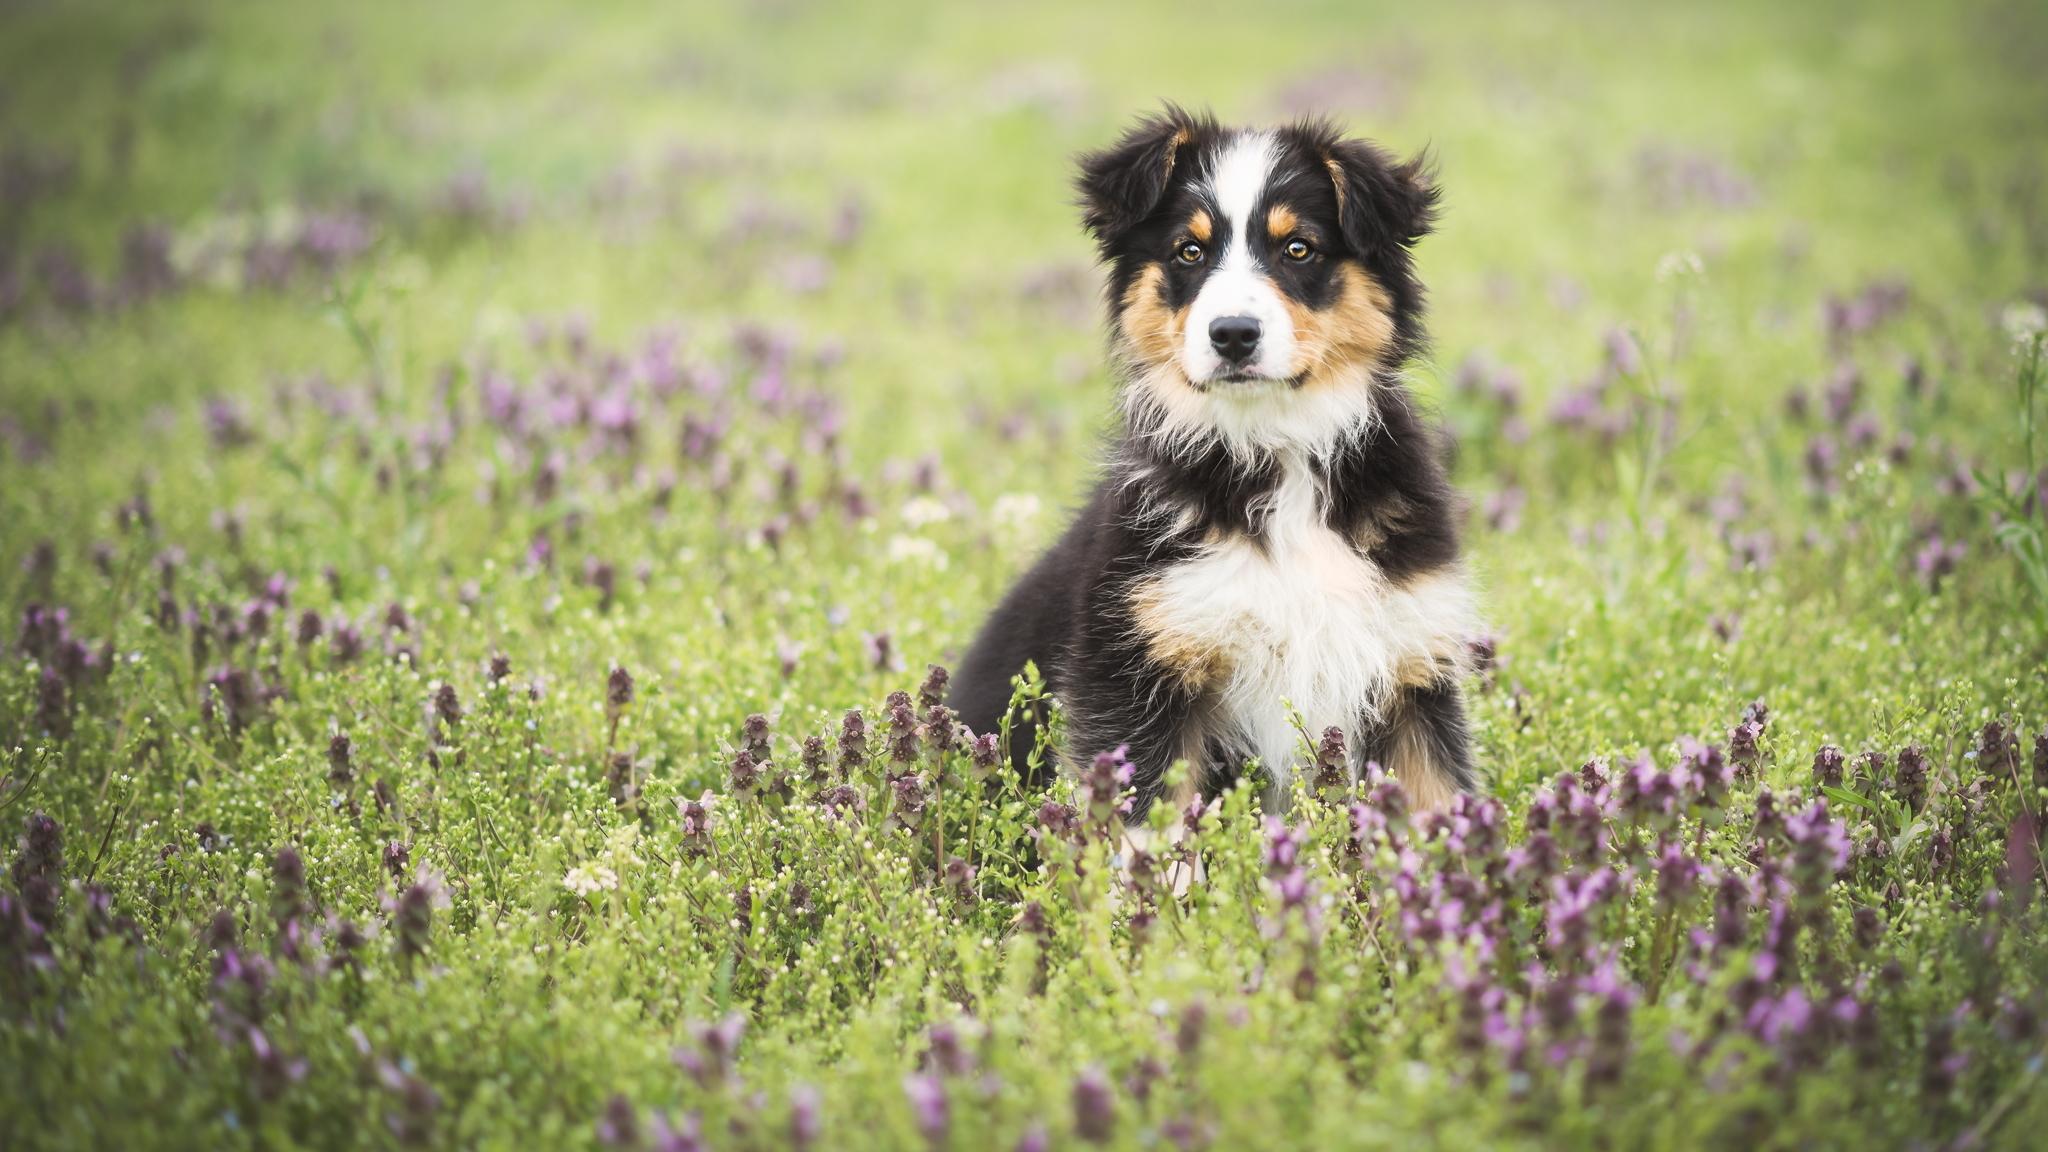 собака поле цветы загрузить